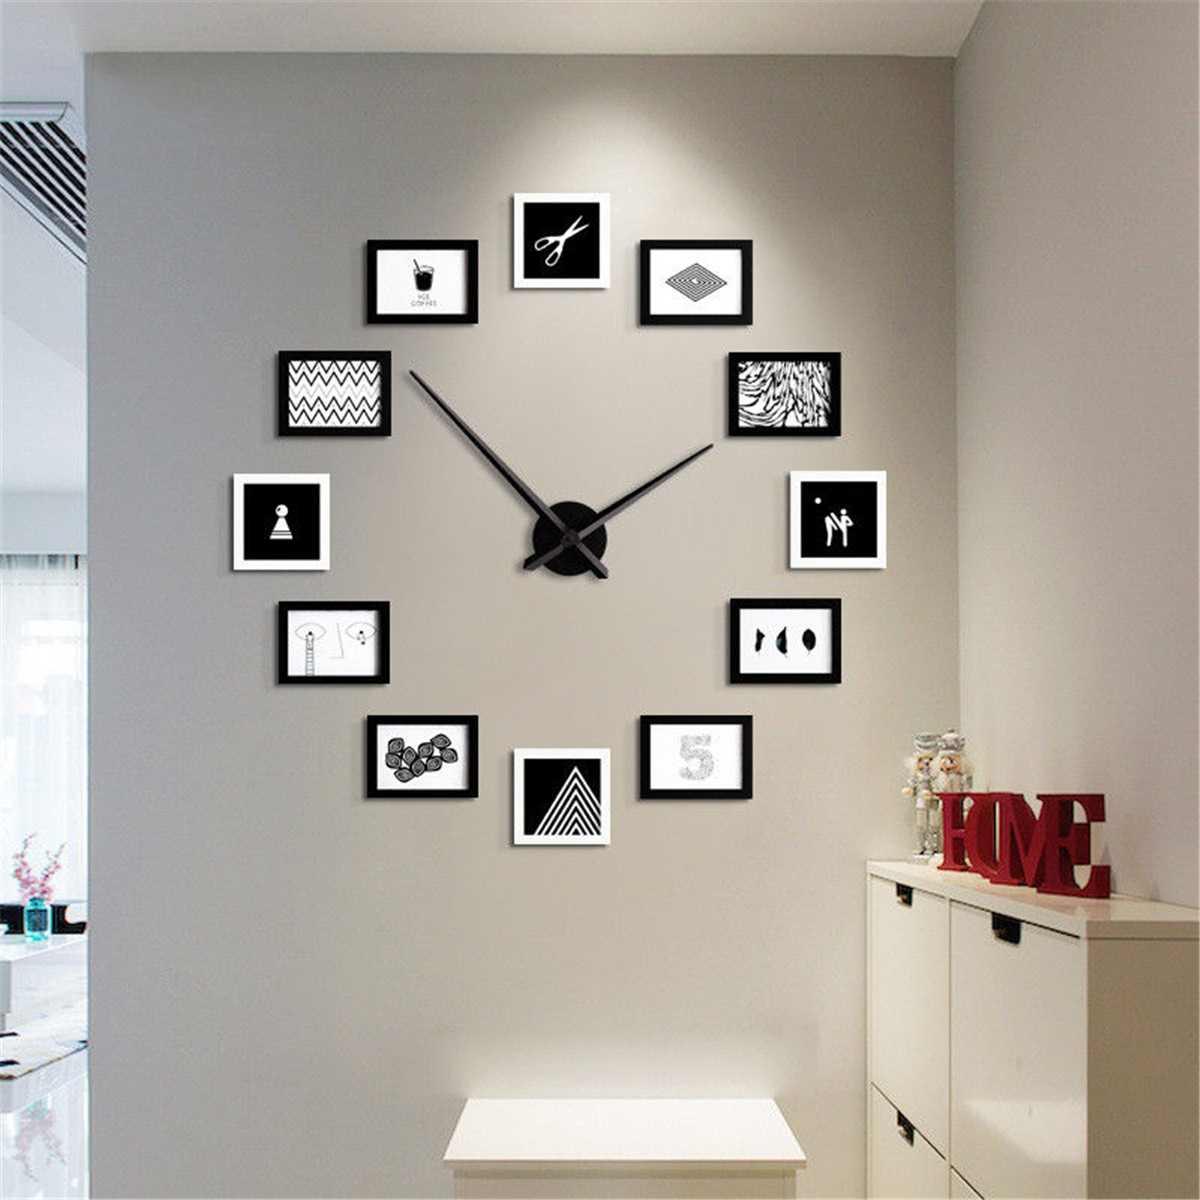 2019 12 фоторамки Nordic стиль DIY настенные часы современный дизайн дерево фото настенные часы книги по искусству часы с фотографиями уникальный ...